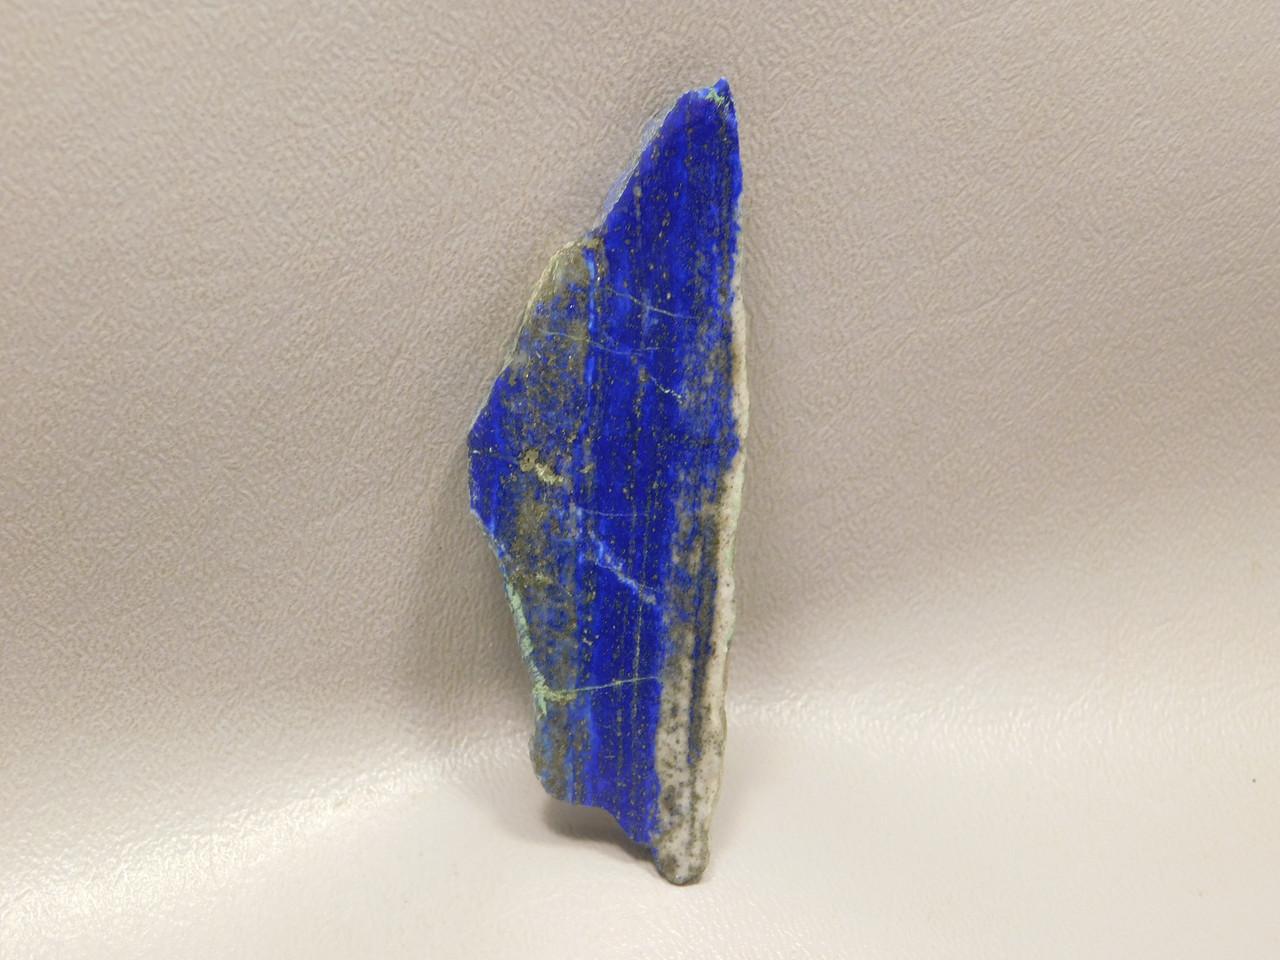 Large natural freeform shaped polished small slab Lapis Lazuli #s8